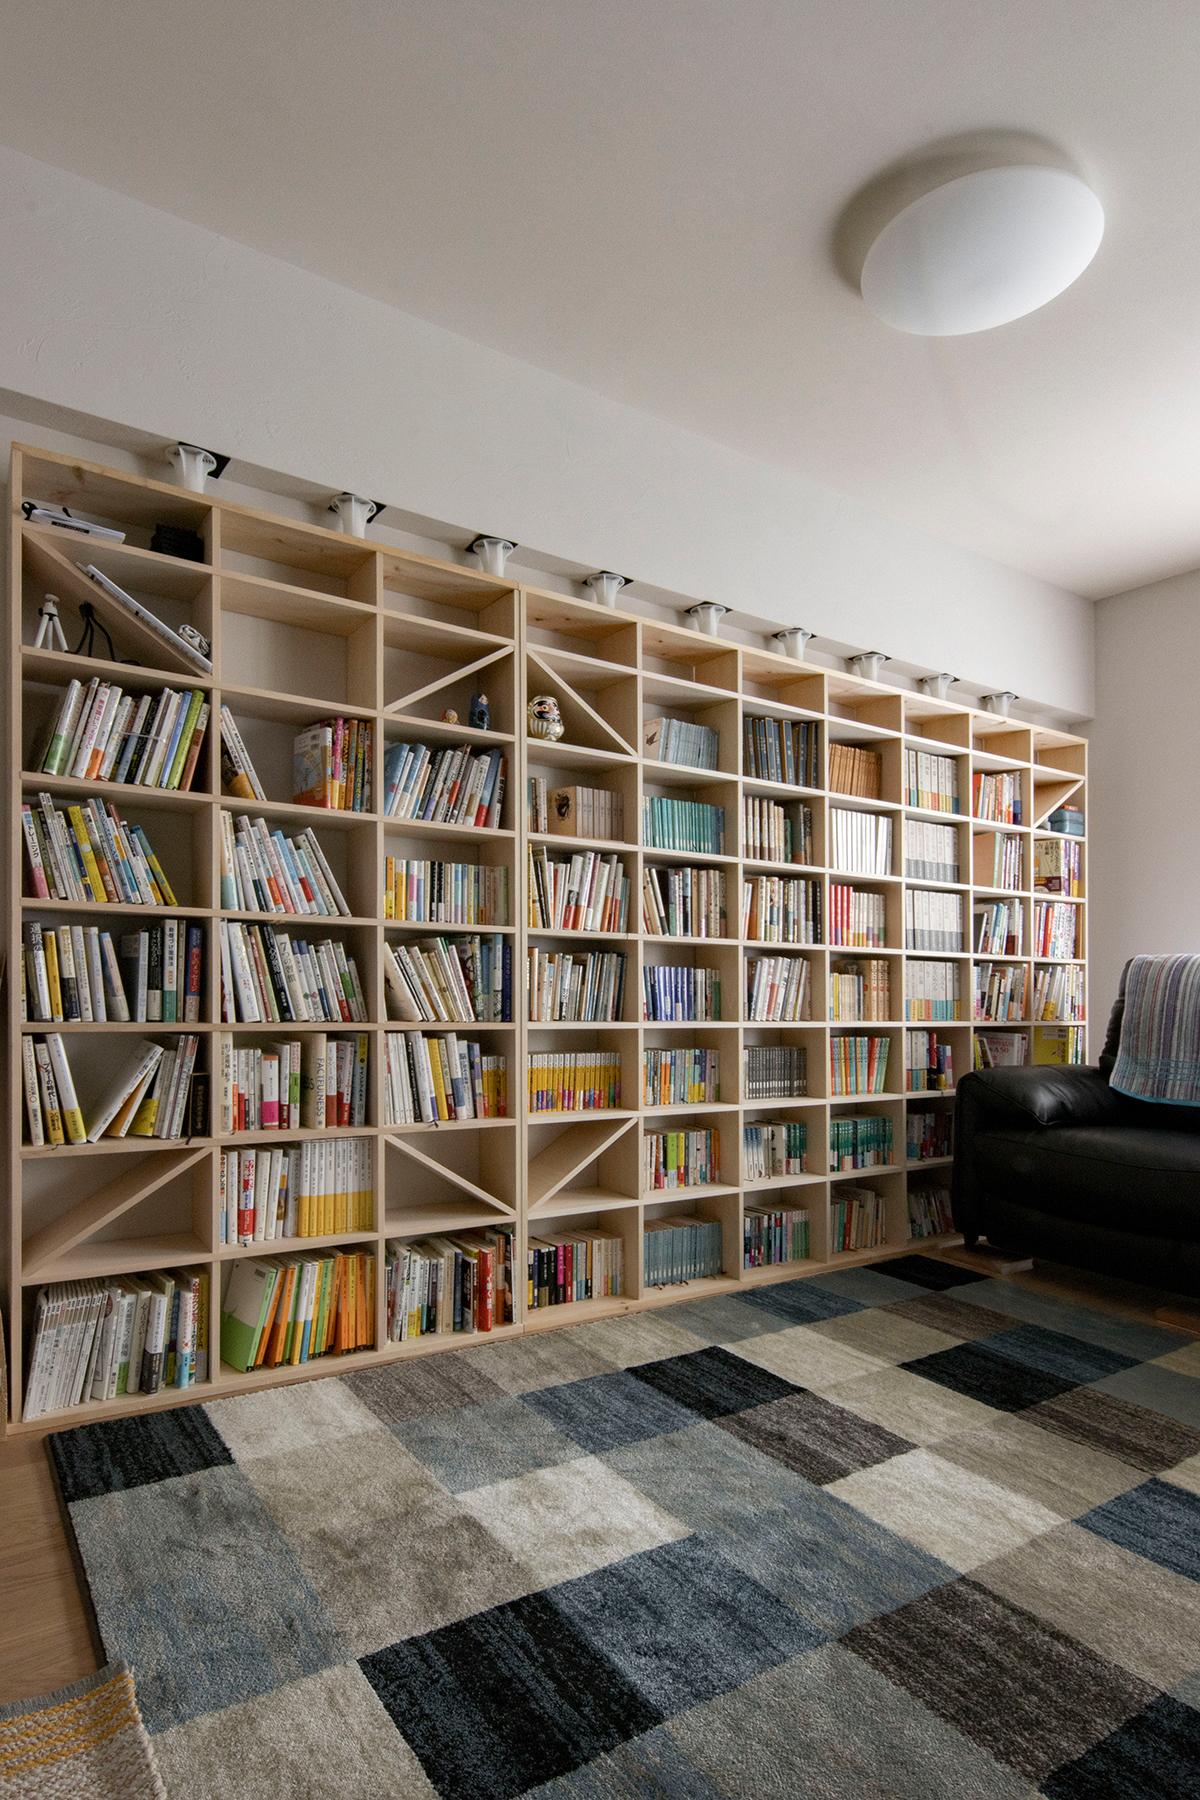 単行本を中心とした壁一面の本棚